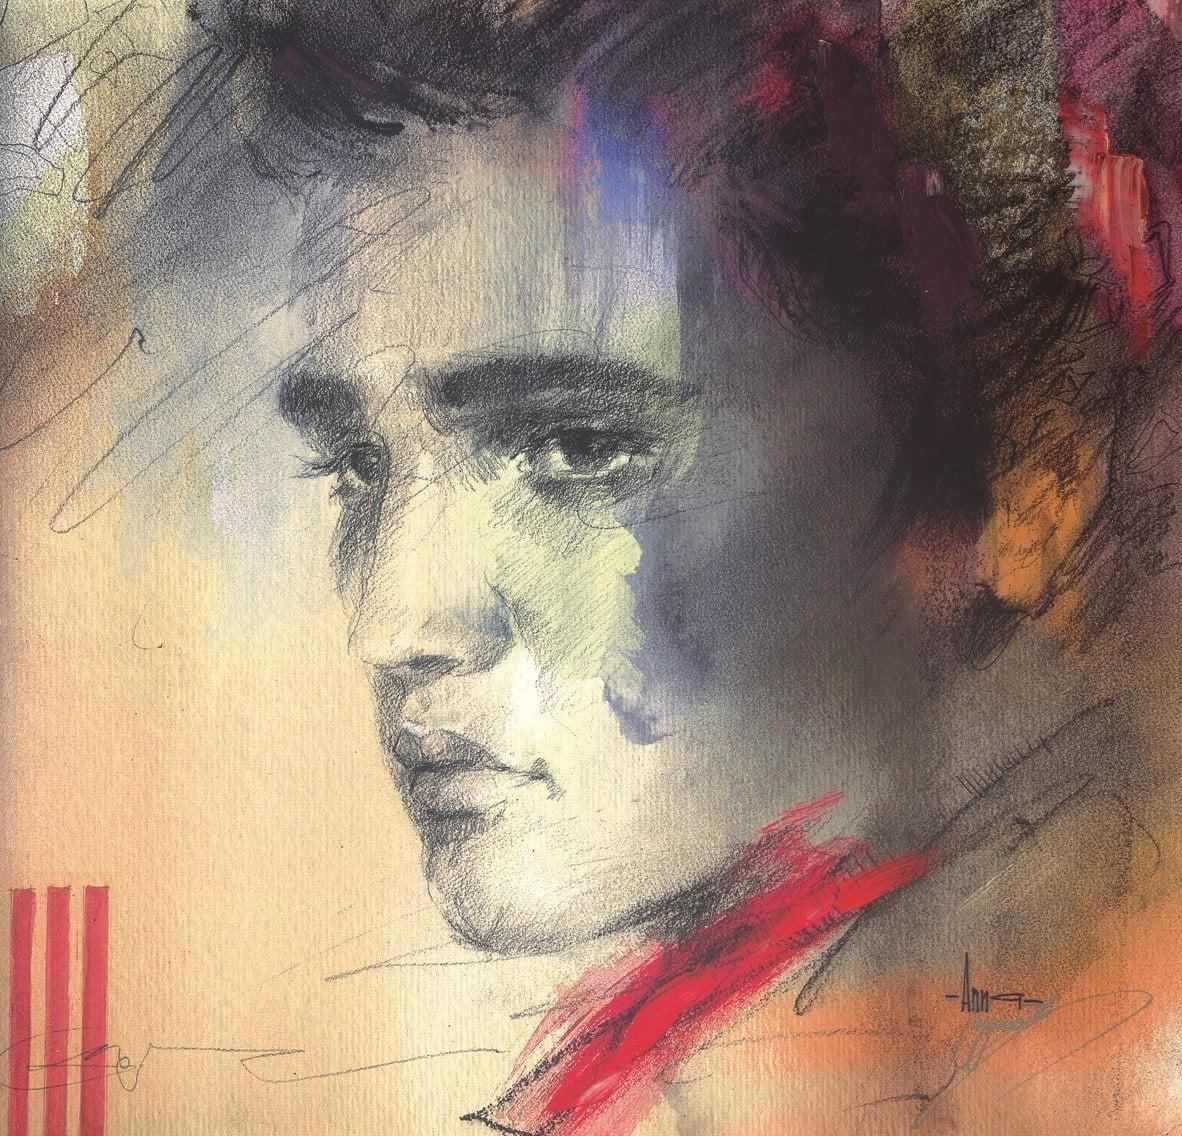 Charming gaze ~ Anna Razumovskaya